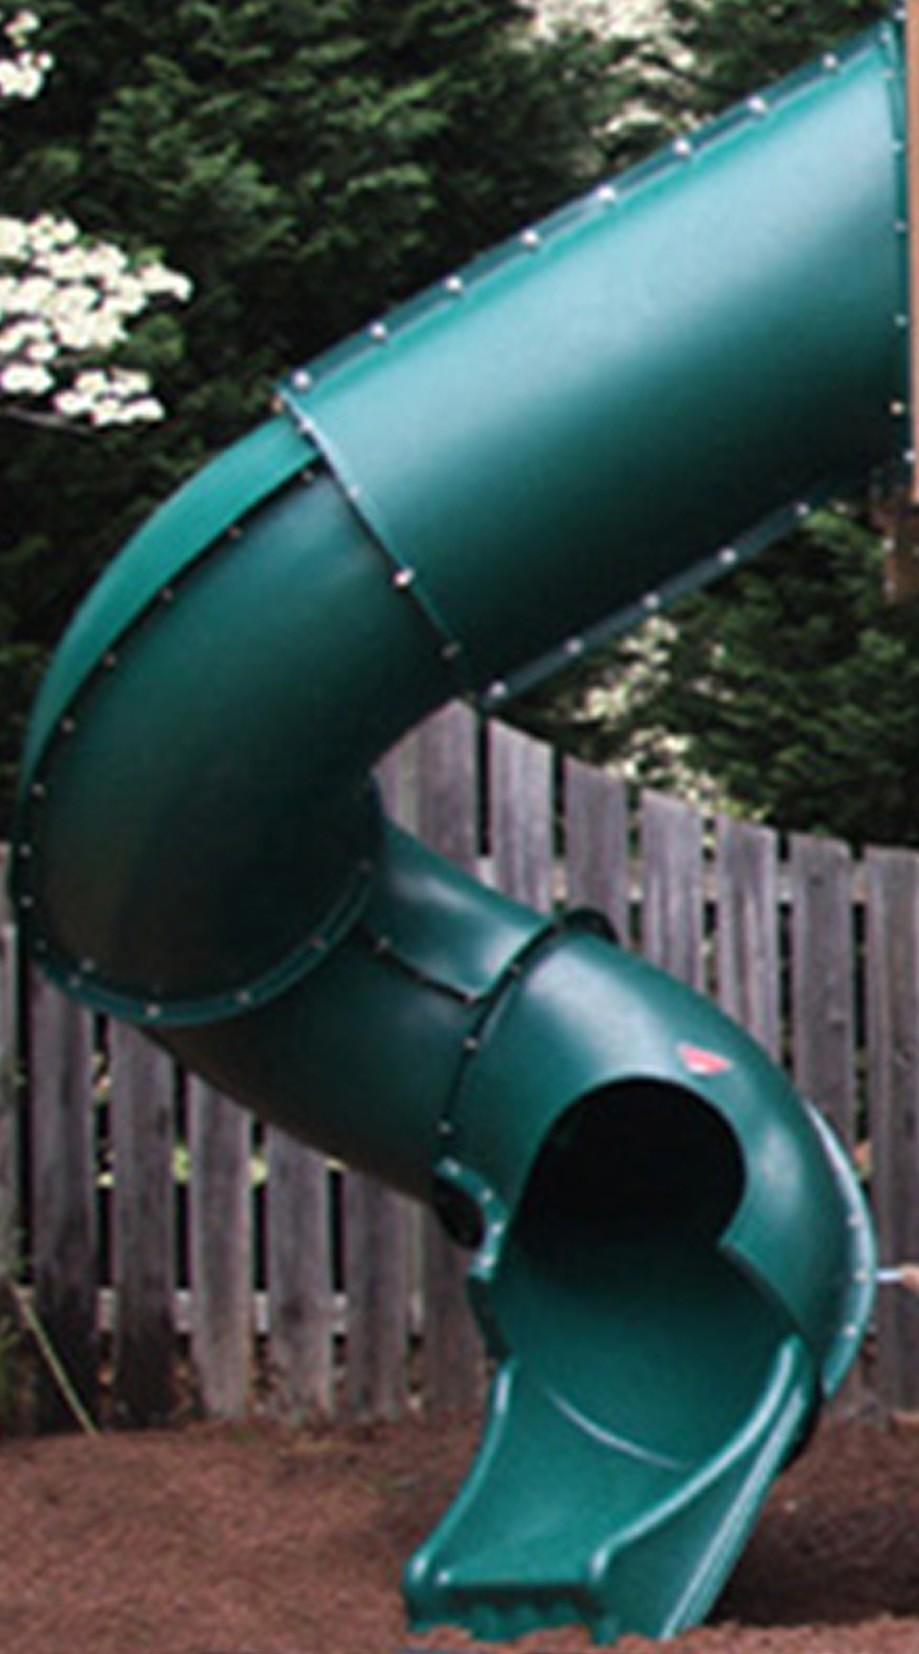 Turbo Slide- Green